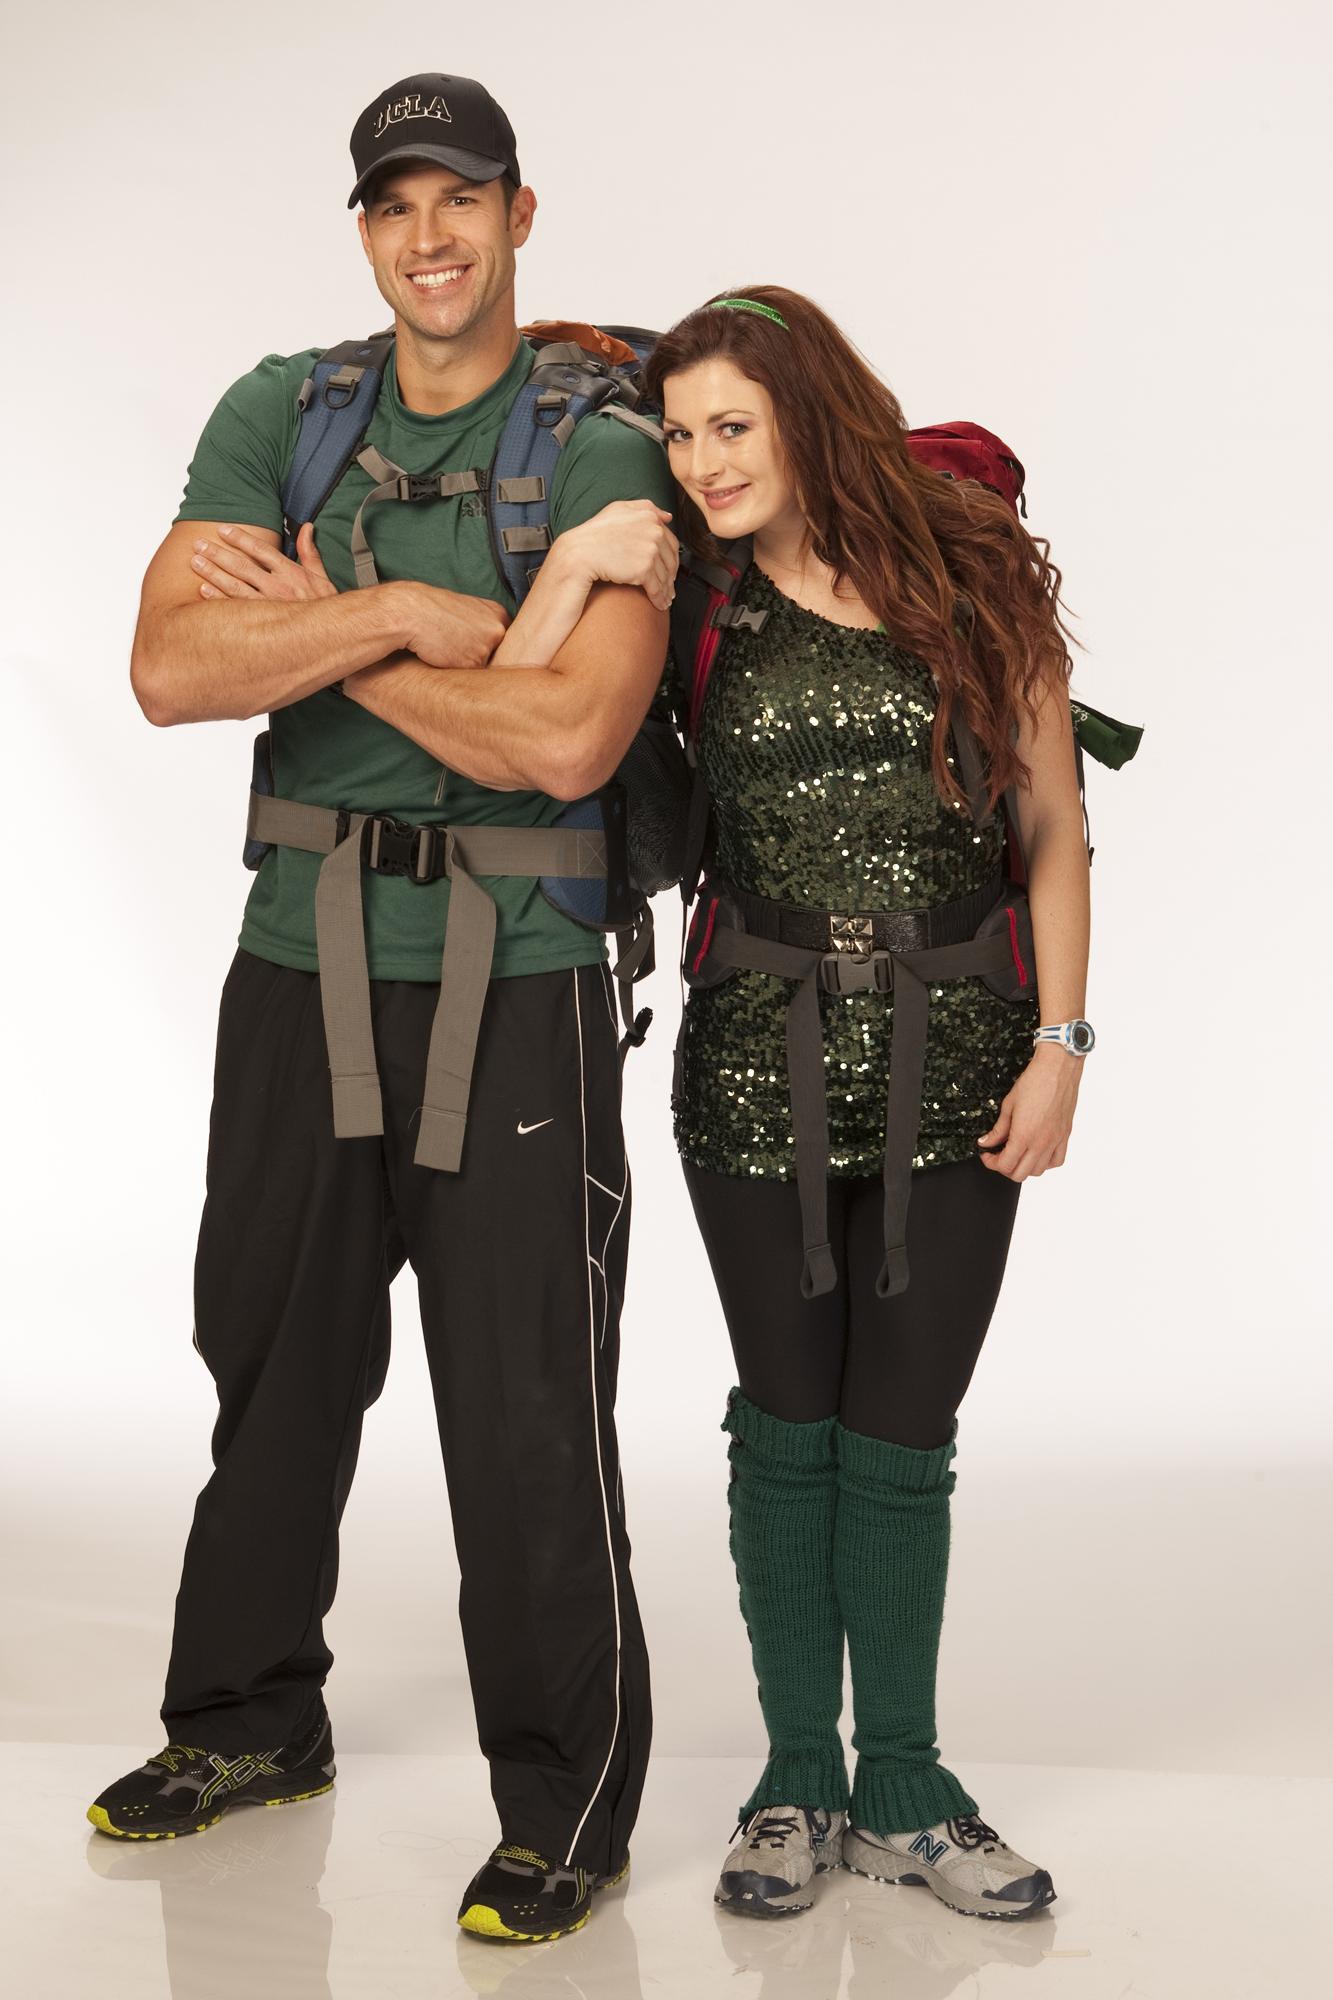 Brendon and Rachel